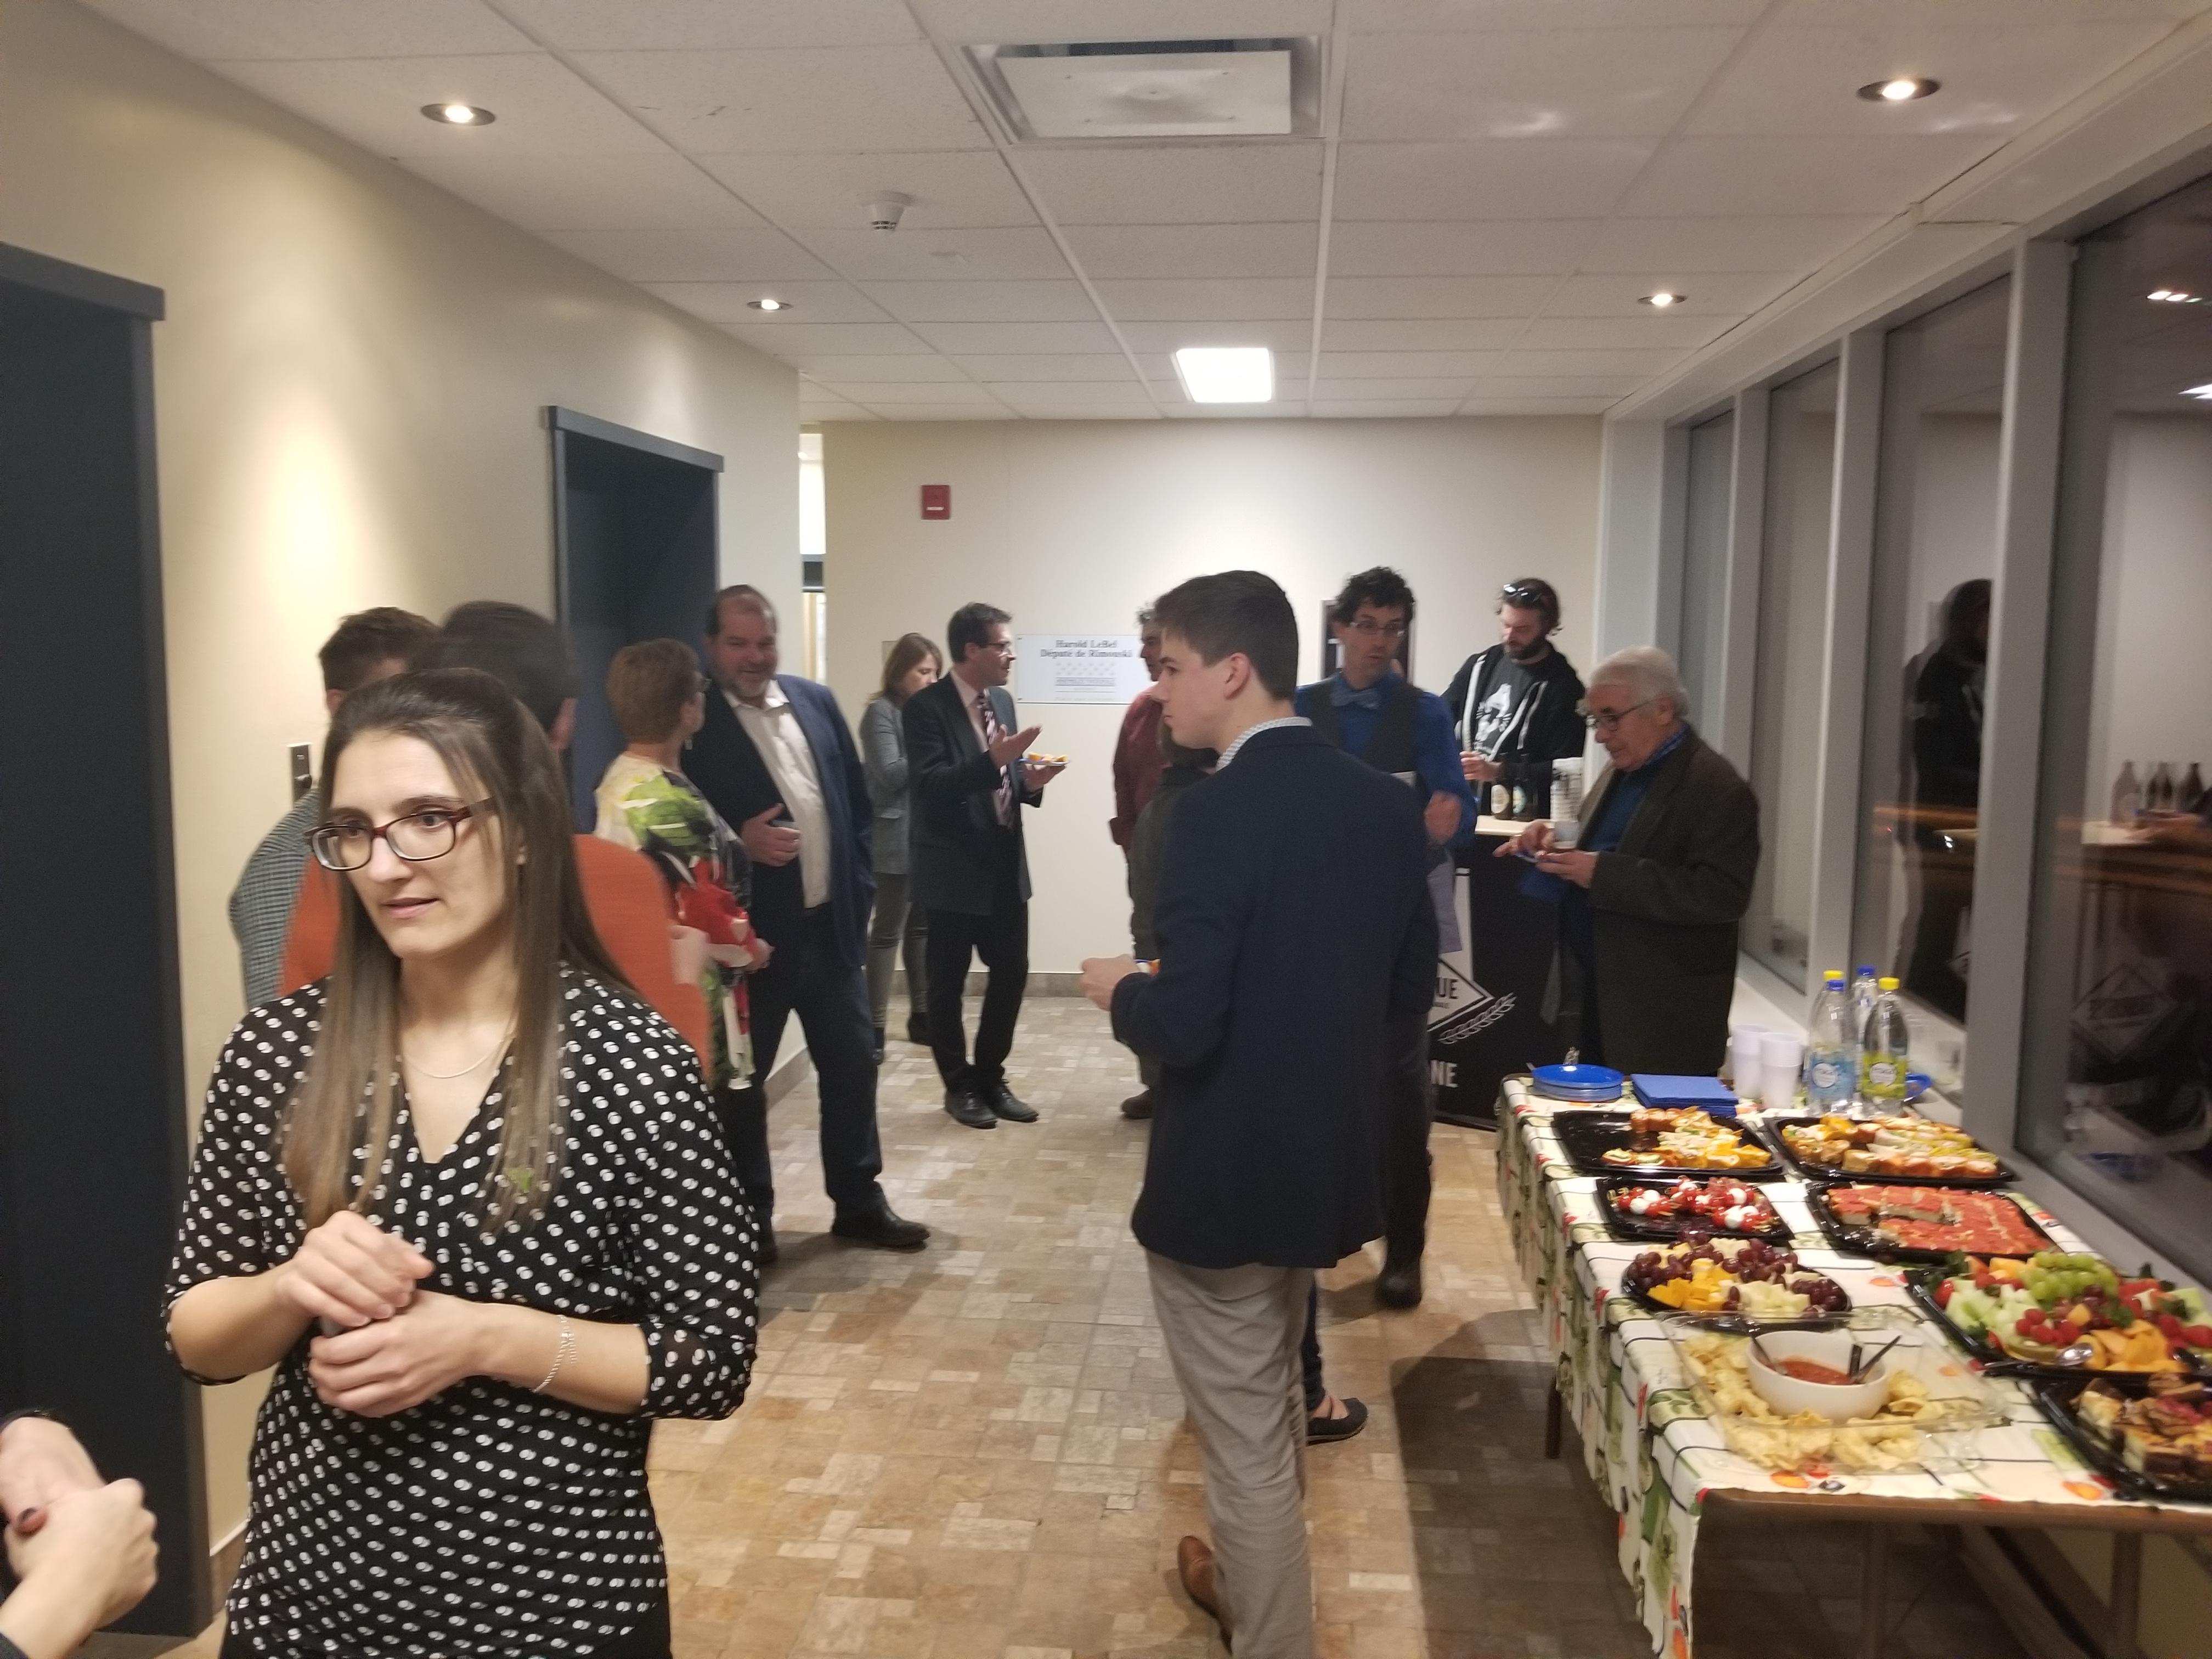 Quelques-uns des invités présents mardi lors de l'inauguration du nouveau local de la Coopérative de développement régional du Québec à Rimouski.